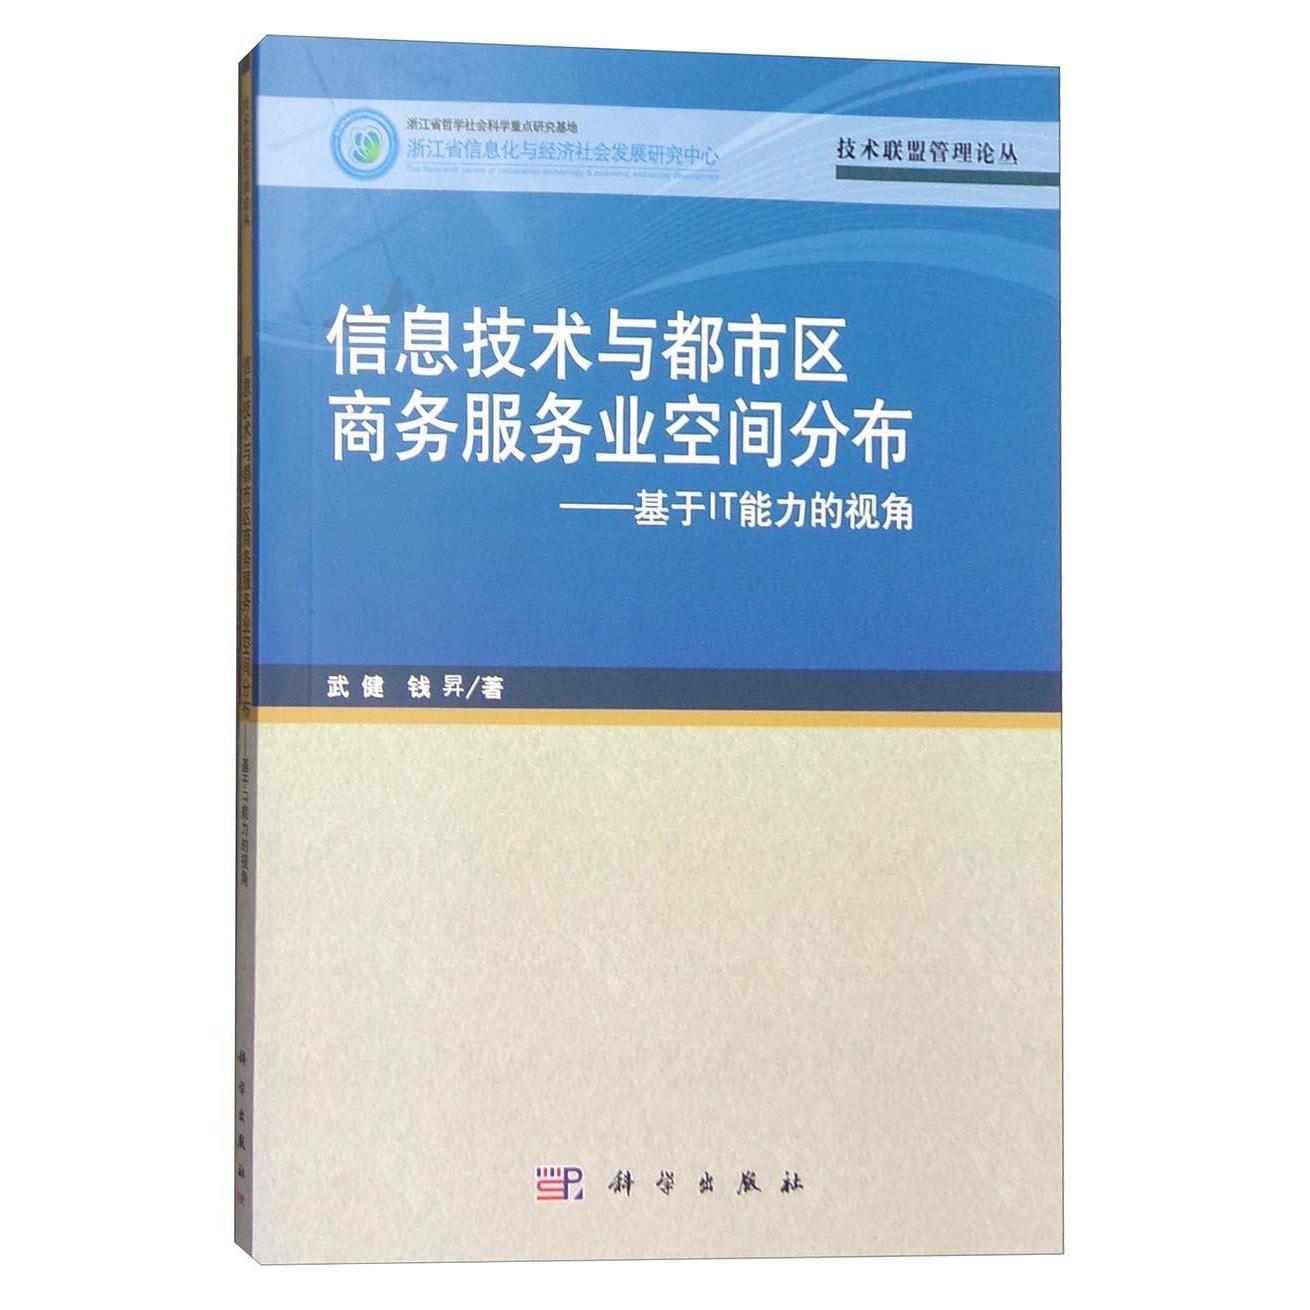 技术联盟管理论丛 信息技术与都市区商务服务业空间分布:基于IT能力的视角